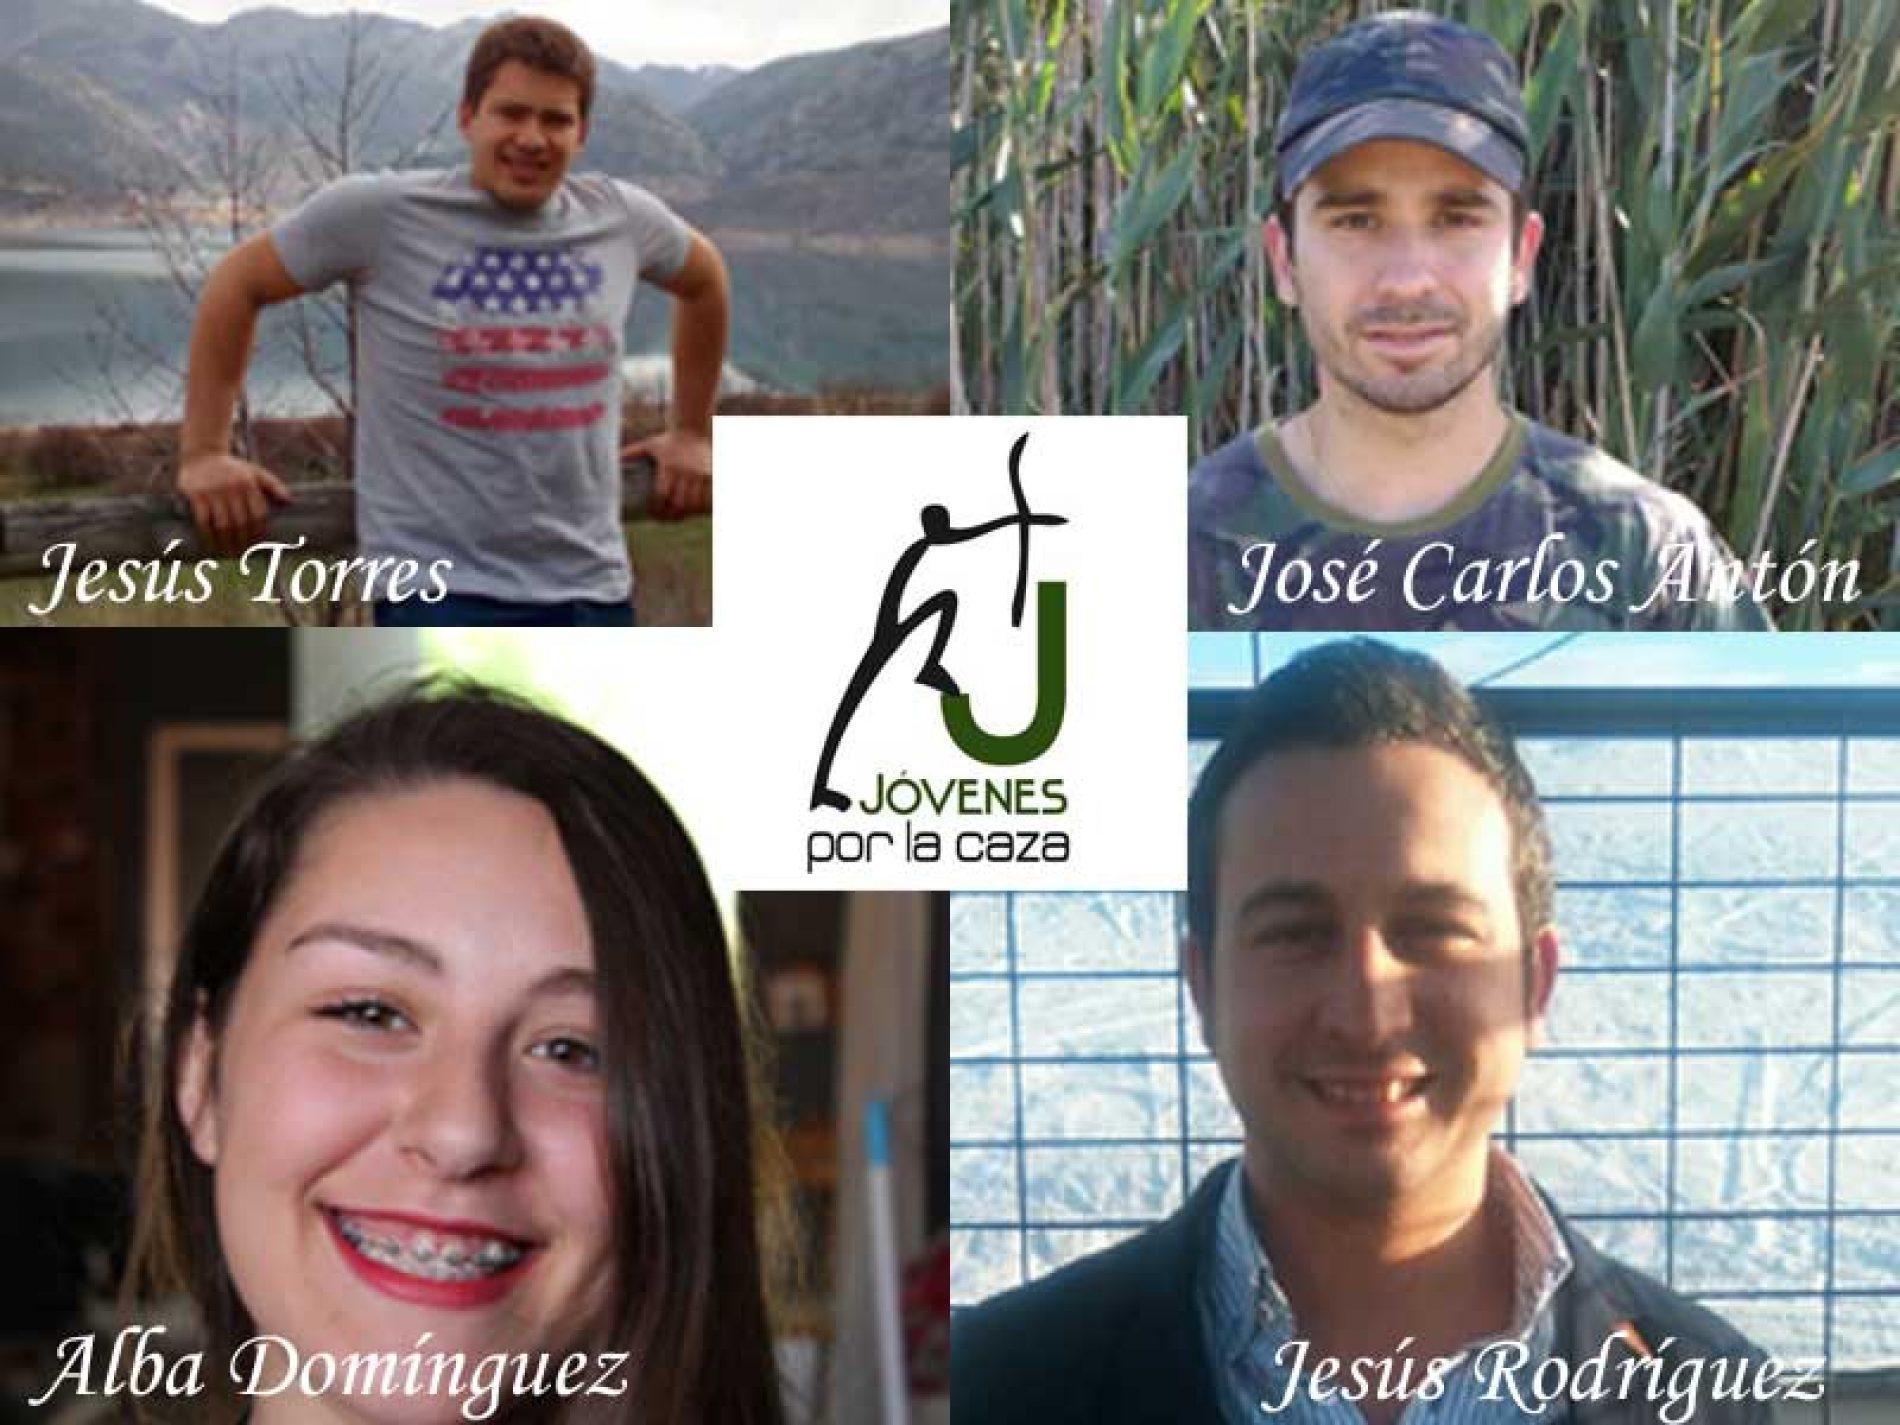 Nuevos representantes de jóvenes por la caza en Extremadura y Valencia